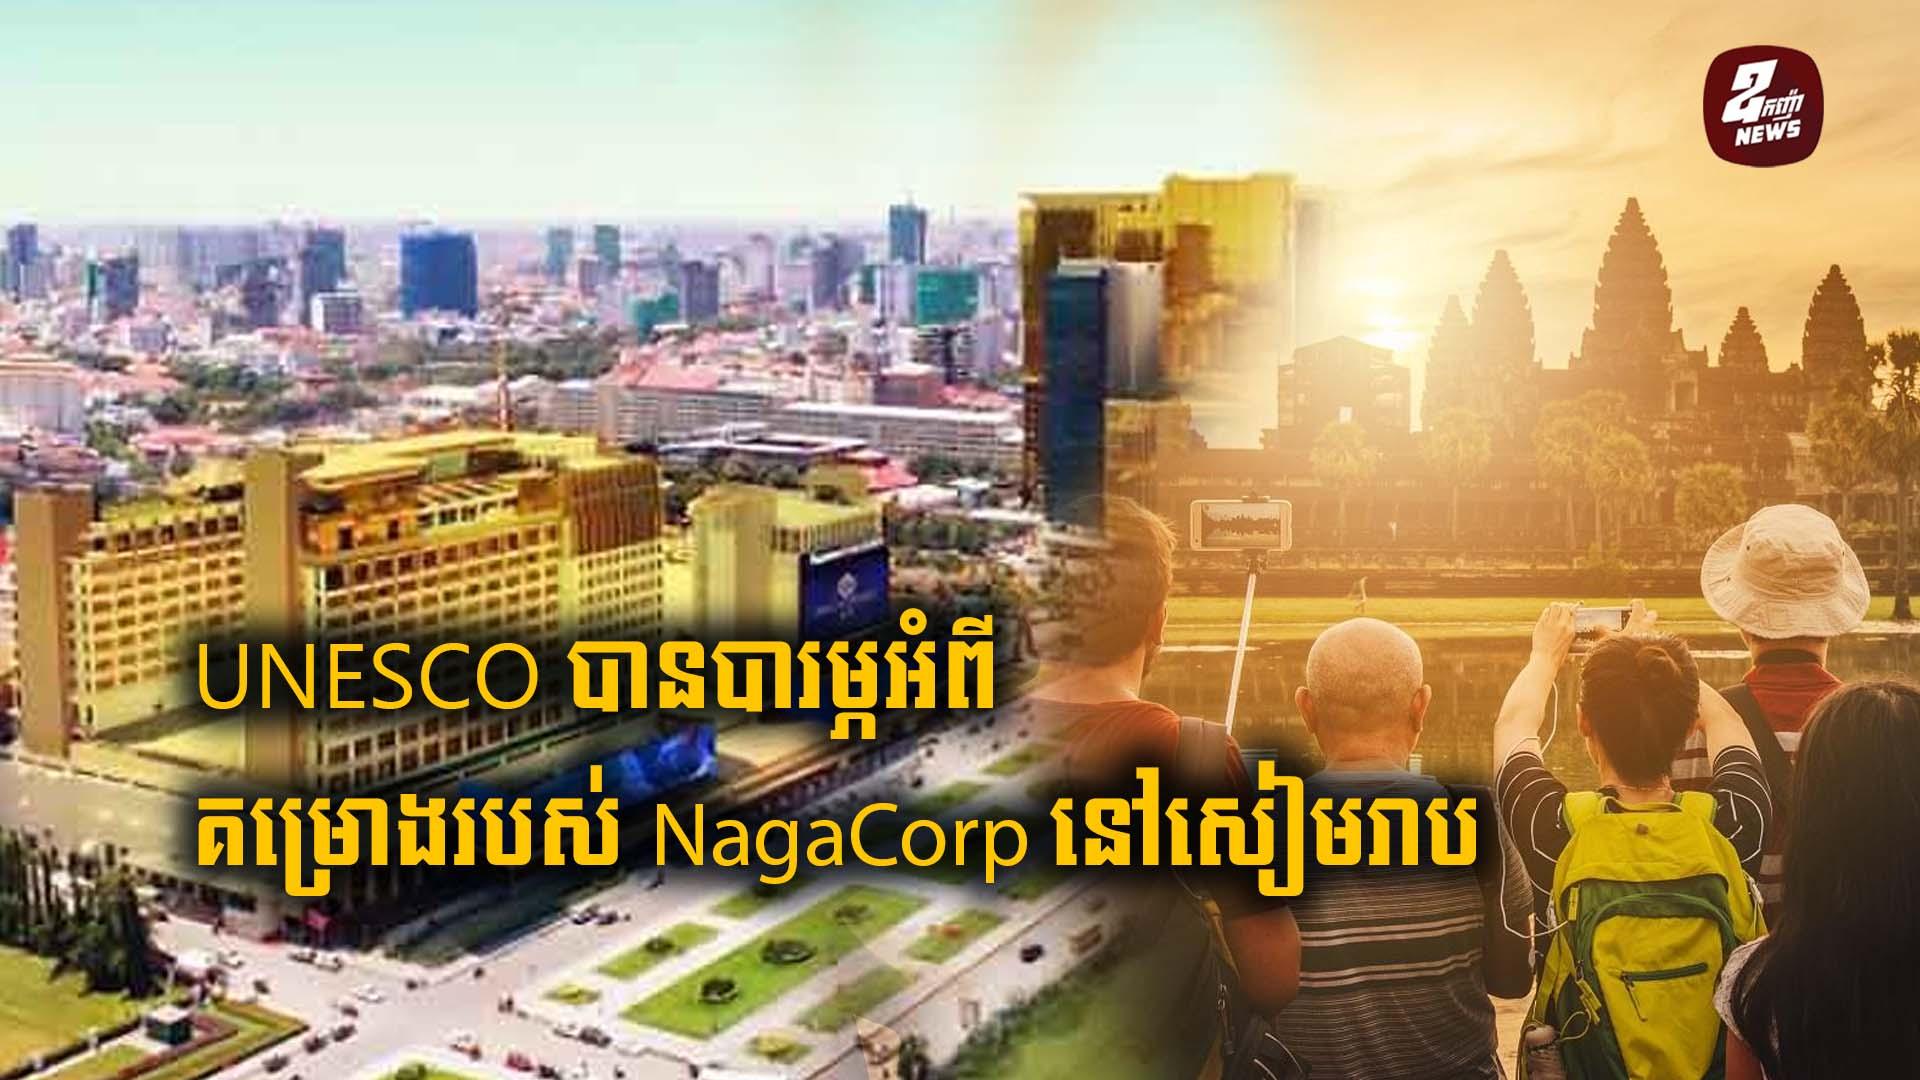 UNESCO សម្តែងក្តីបារម្ភអំពីគម្រោង NagaCorp នៅសៀមរាប ដែលមានតម្លៃជាង ៣៥០ដុល្លារ